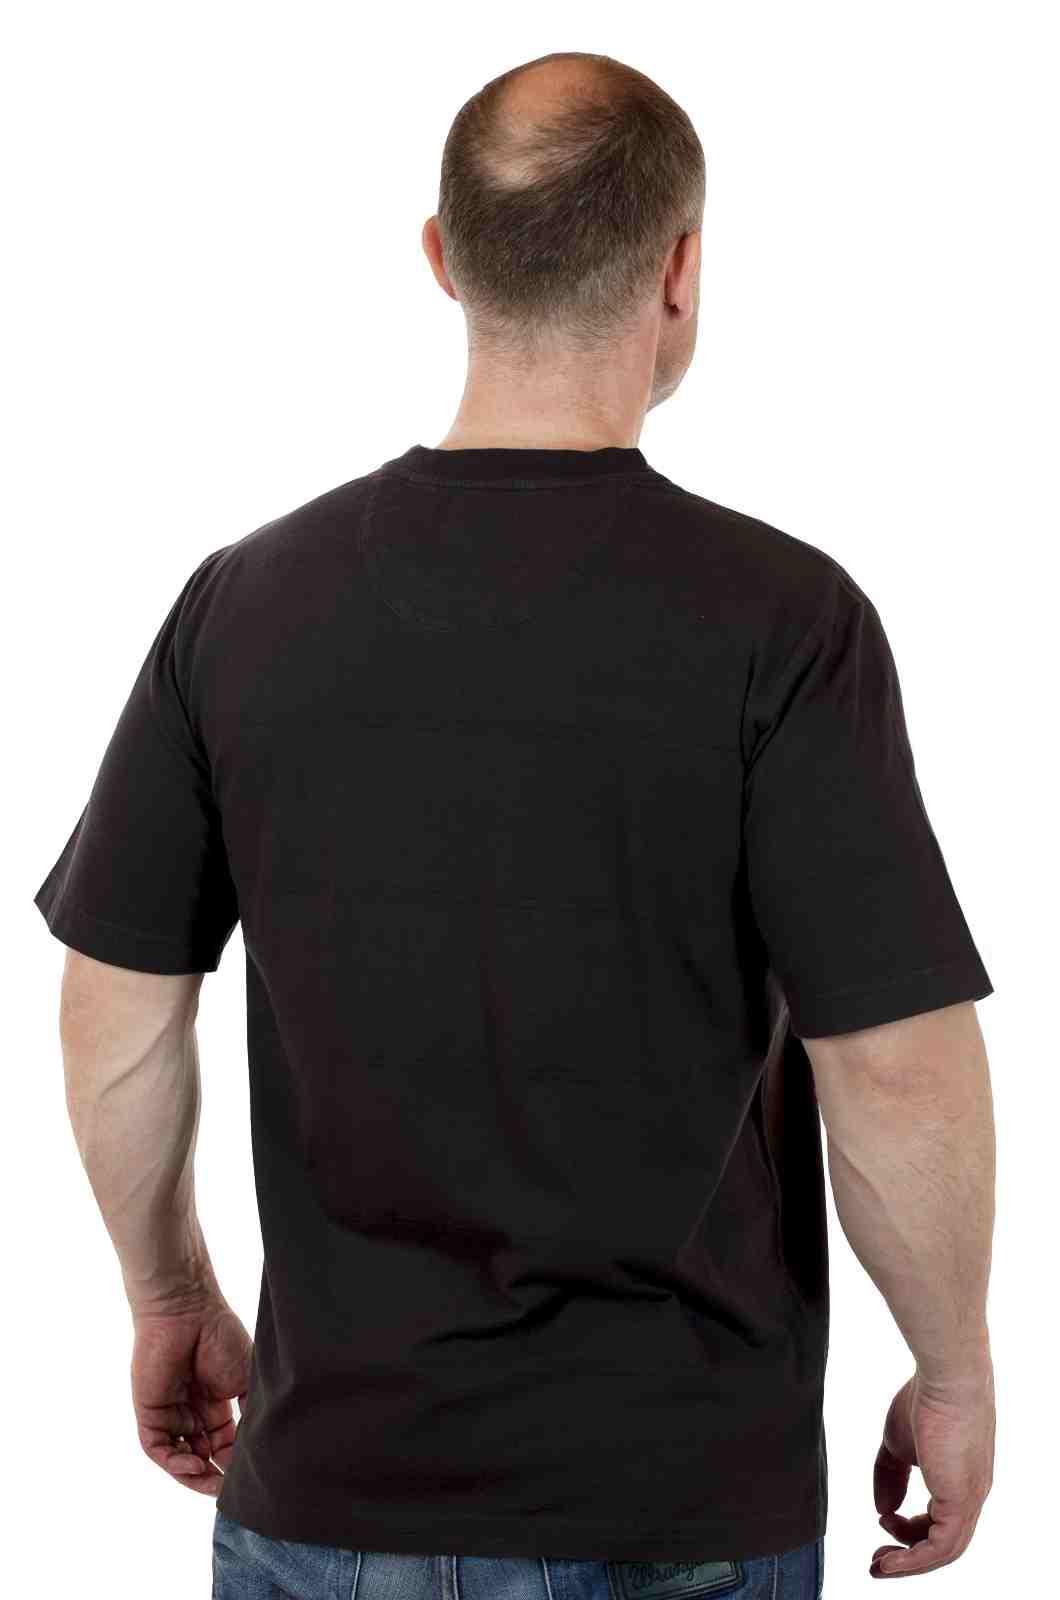 Стильная футболка от американского бренда Roundtree&Yorke-сзади